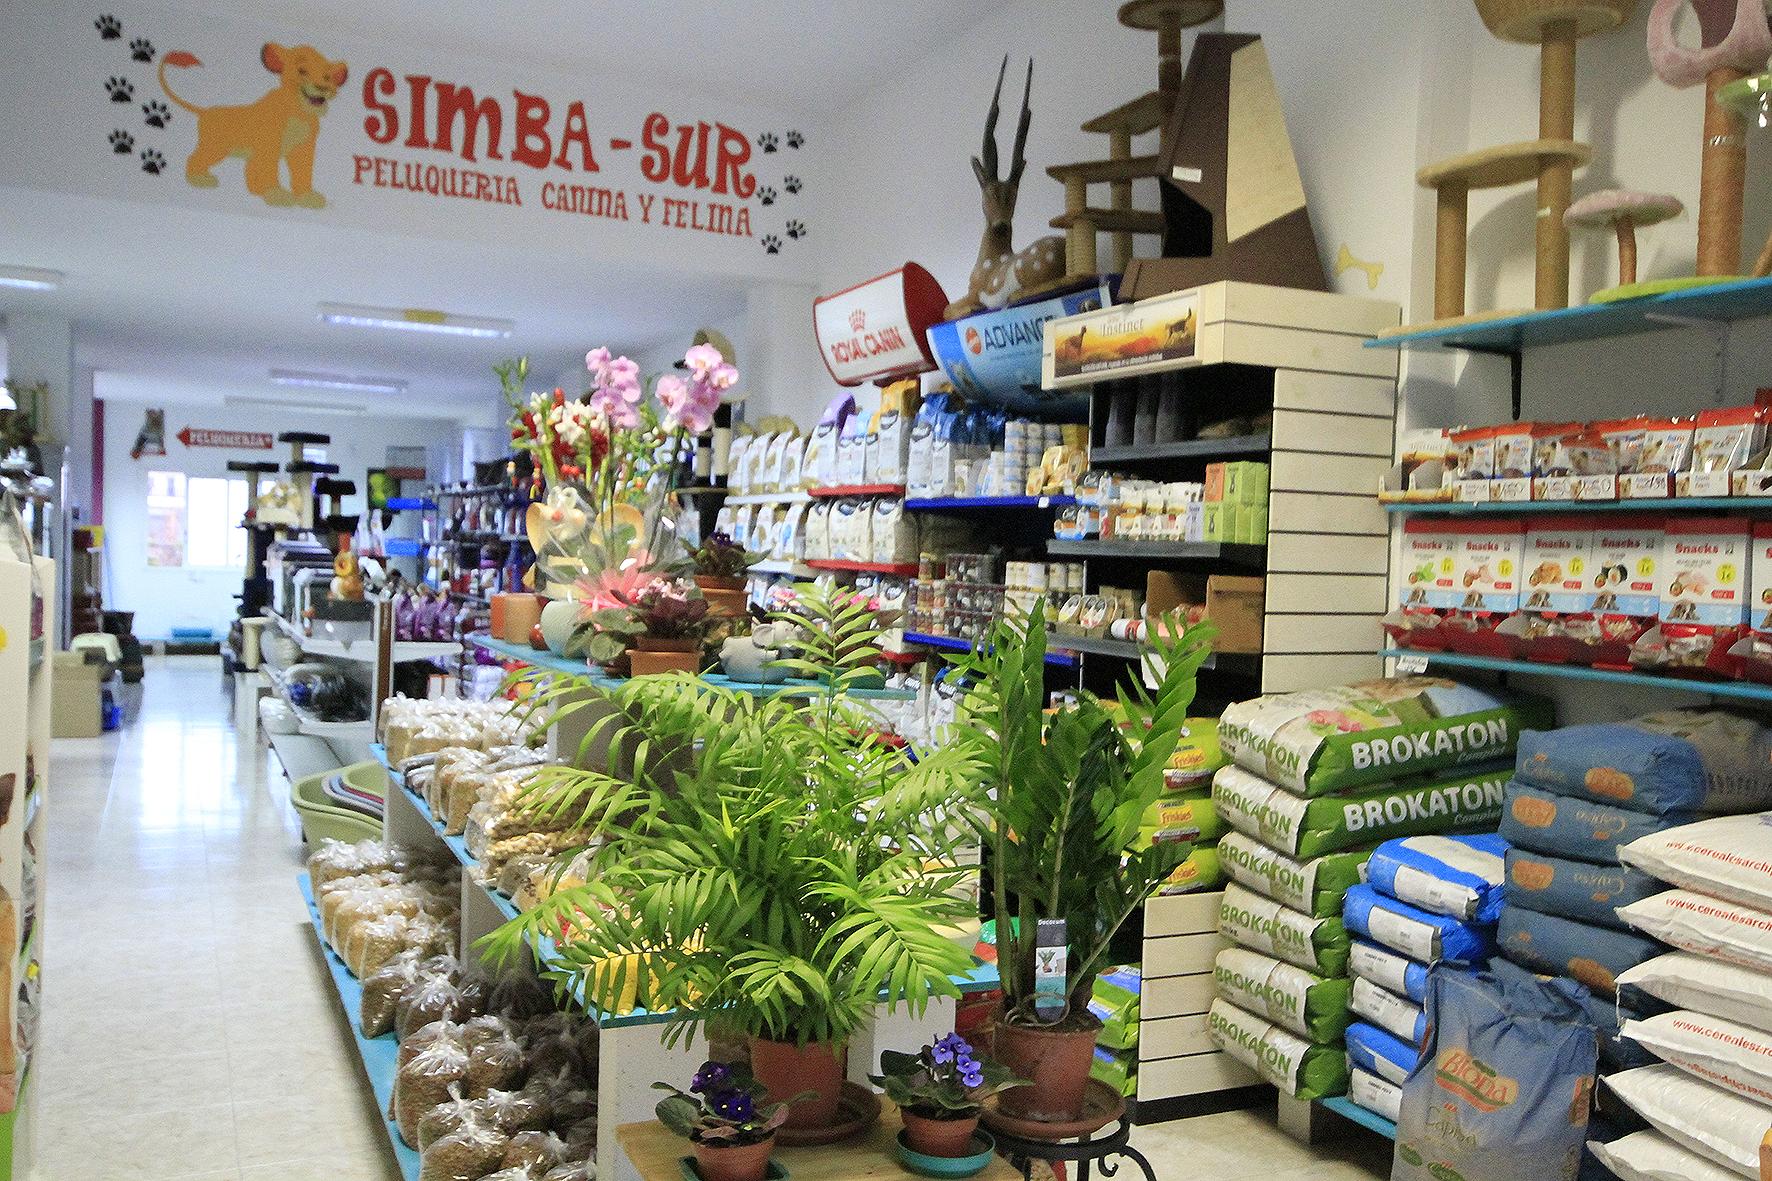 SIMBA SUR_MG_7621